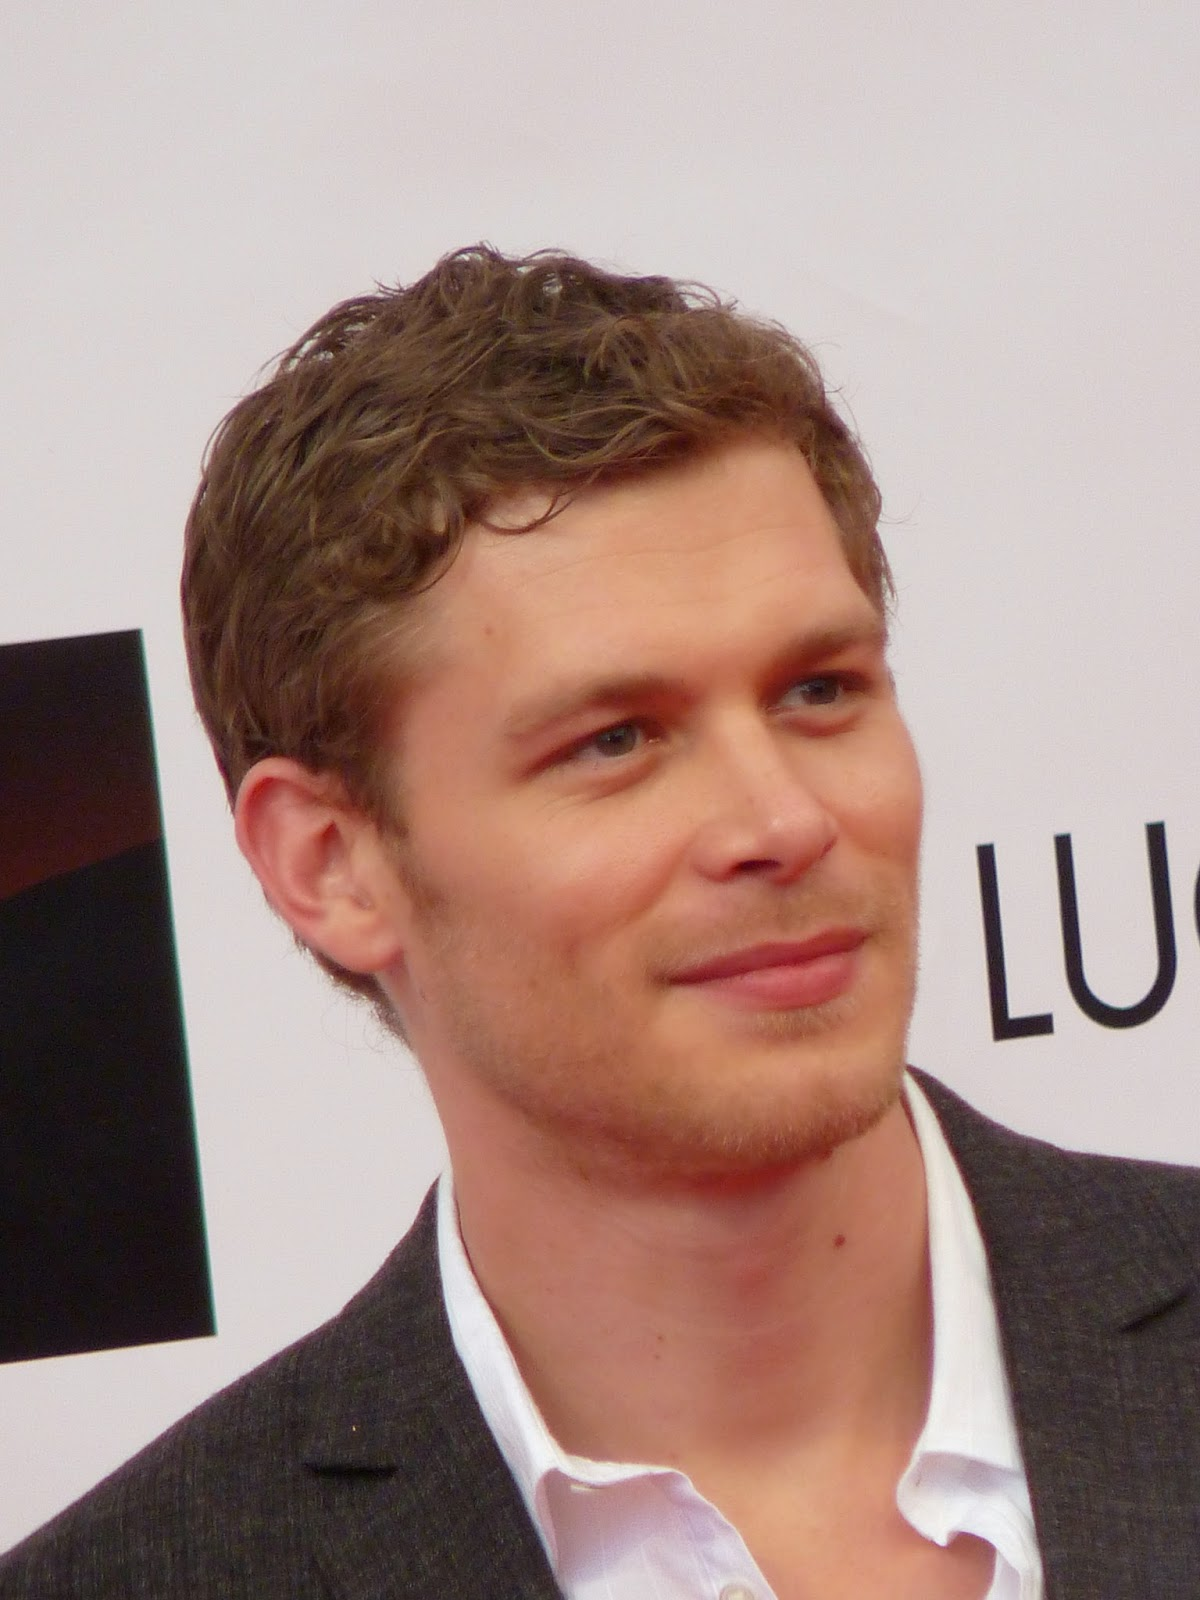 British Actor Joseph Morgan Latest Images